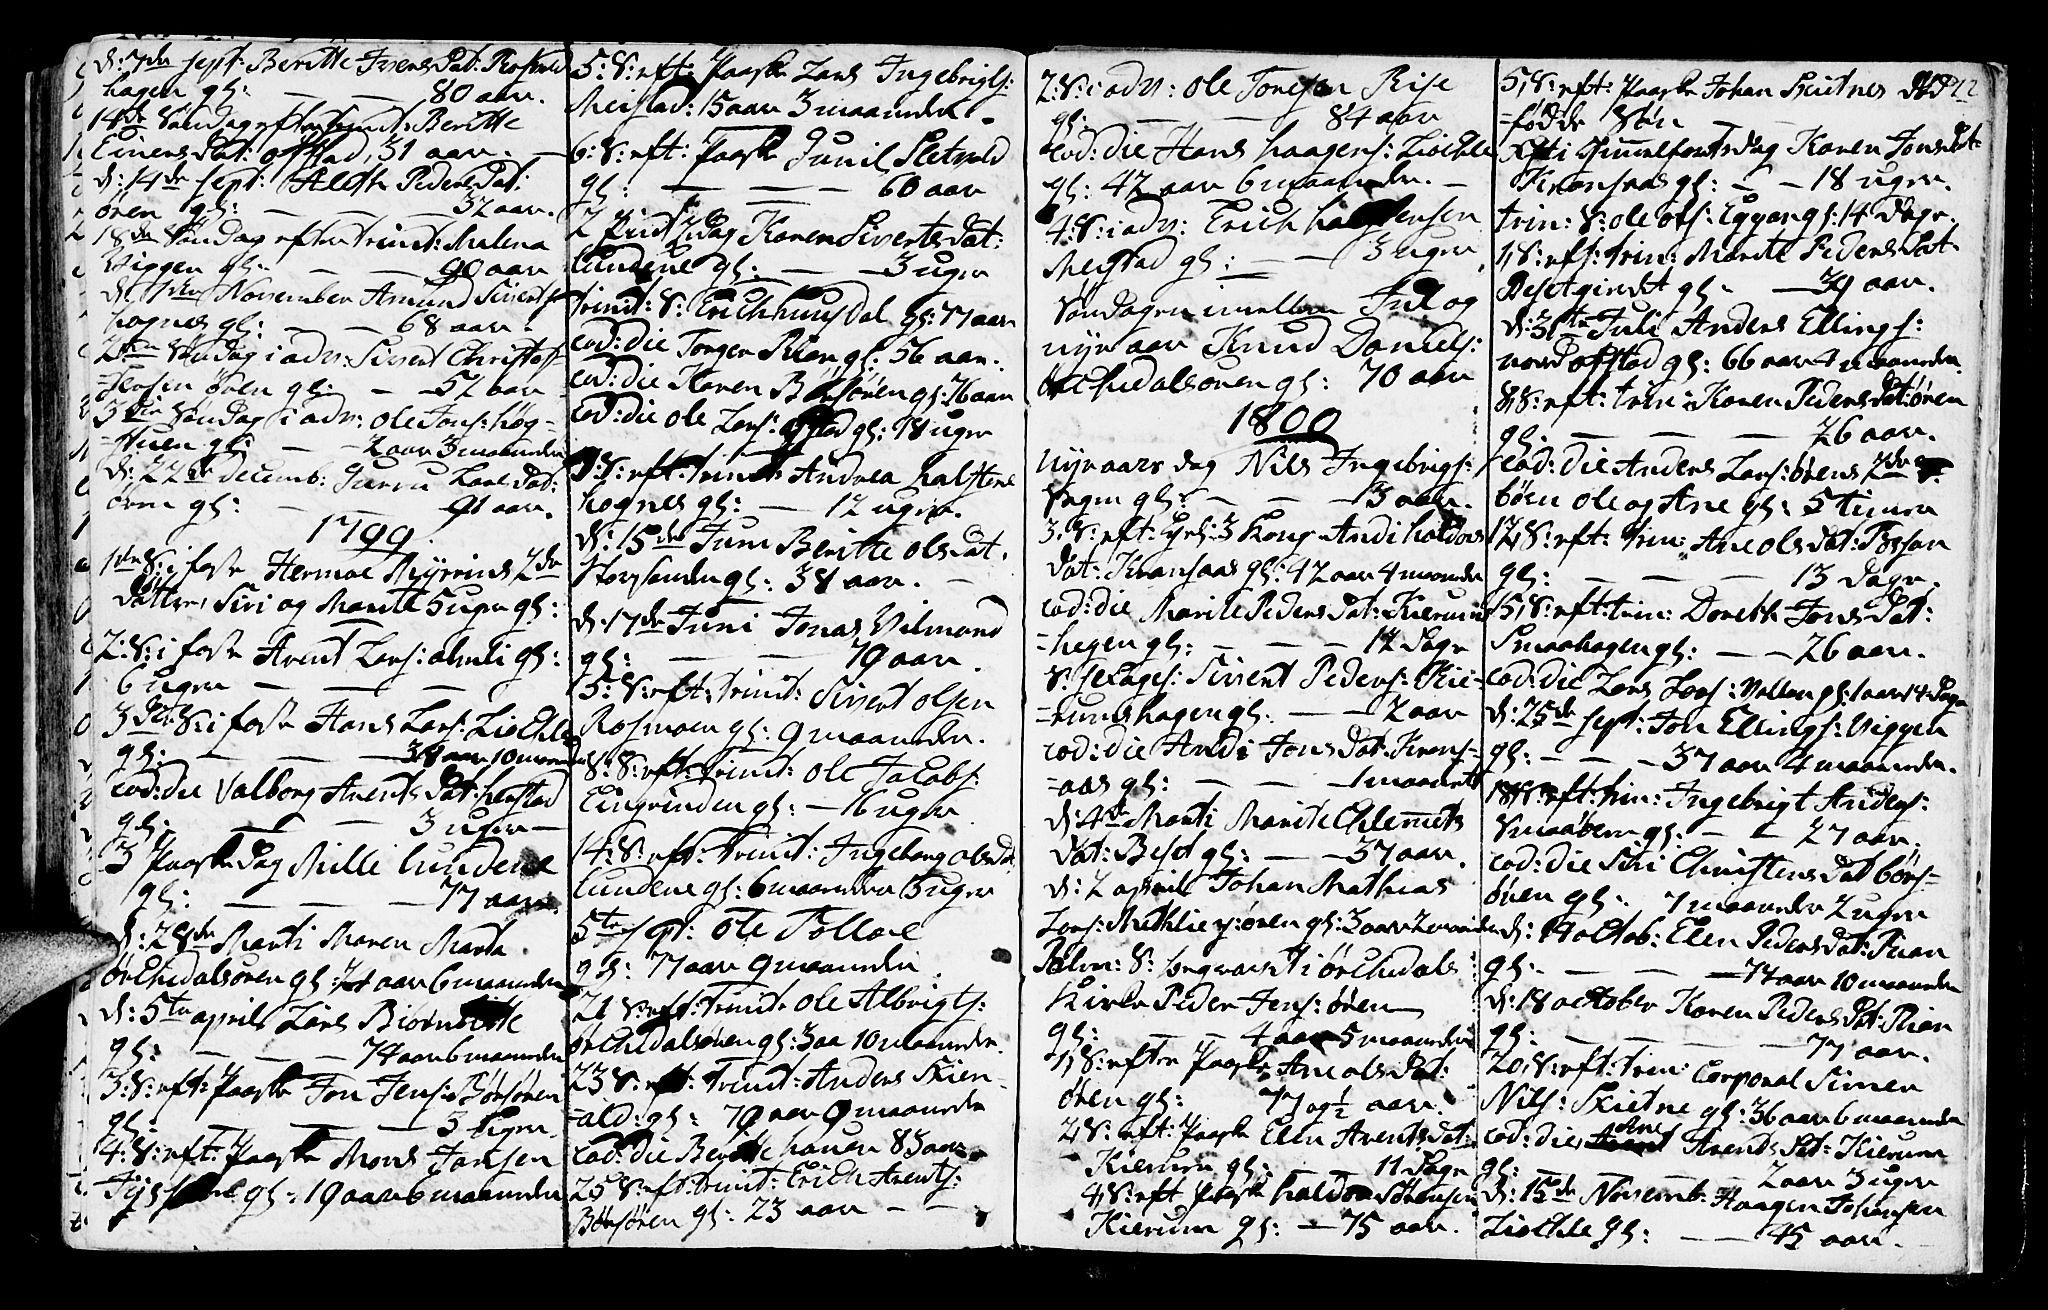 SAT, Ministerialprotokoller, klokkerbøker og fødselsregistre - Sør-Trøndelag, 665/L0768: Ministerialbok nr. 665A03, 1754-1803, s. 172